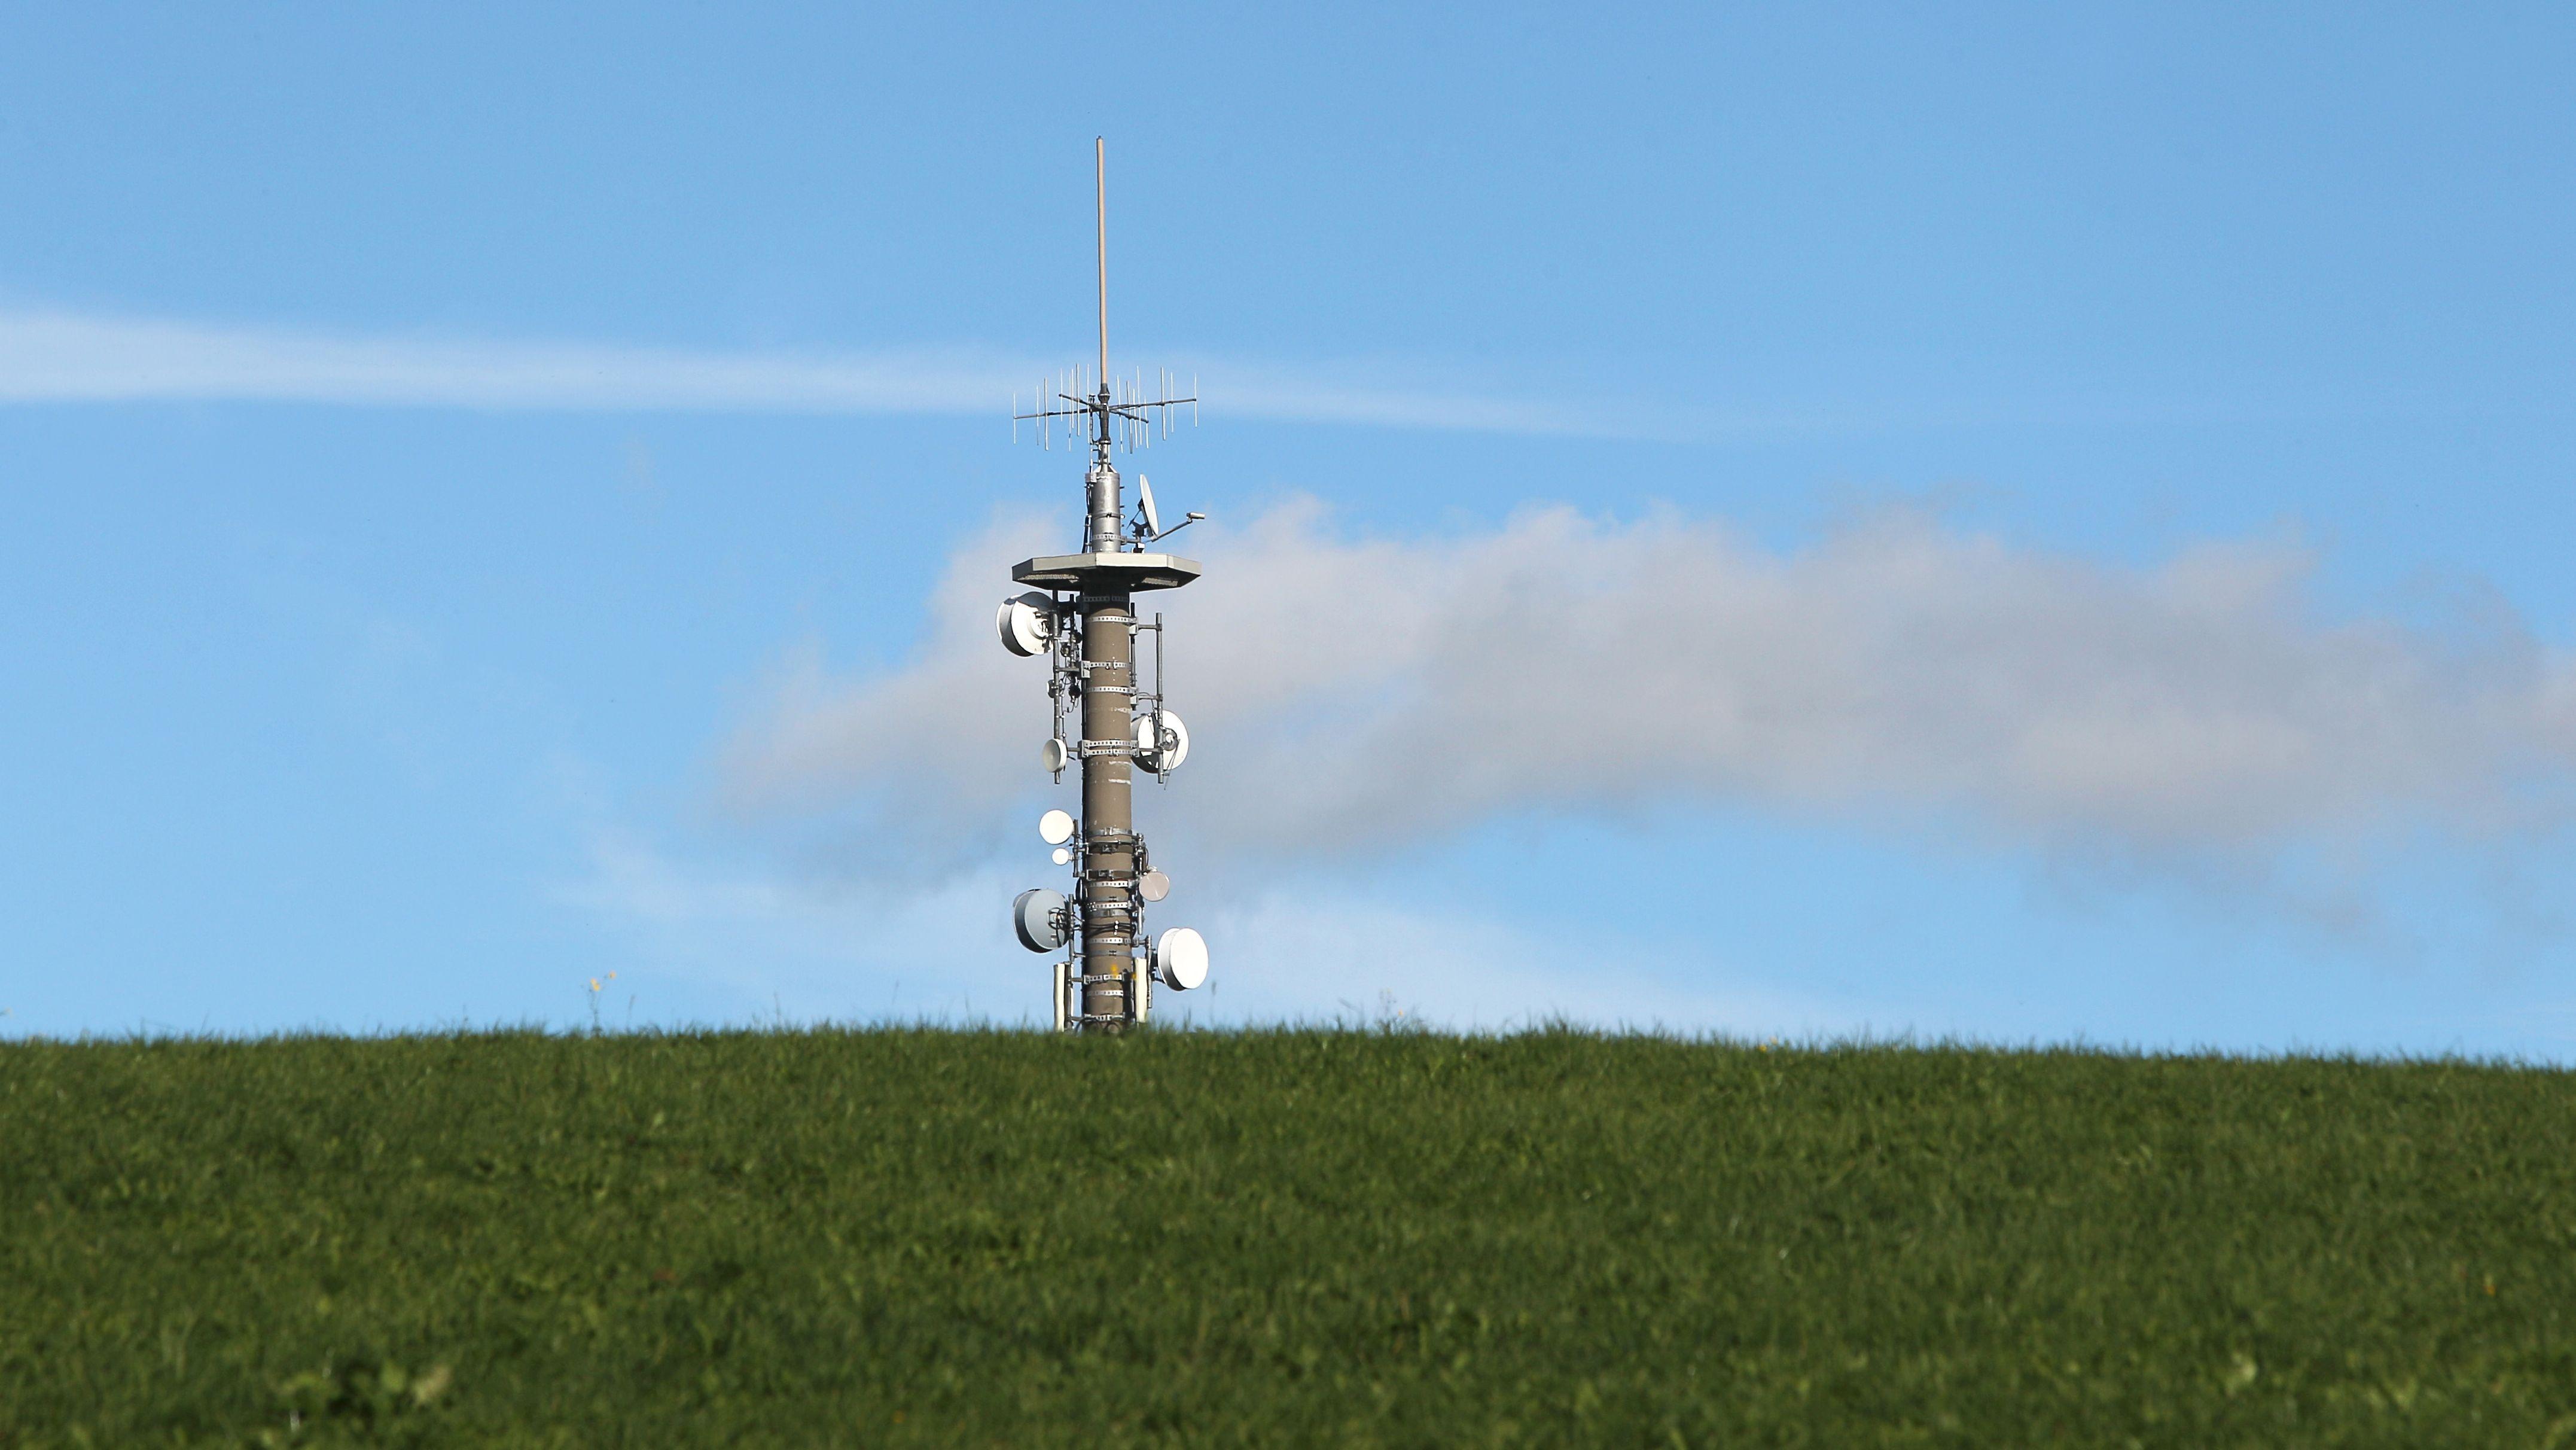 Symbolbild eines Mobilfunkmaste auf dem Land